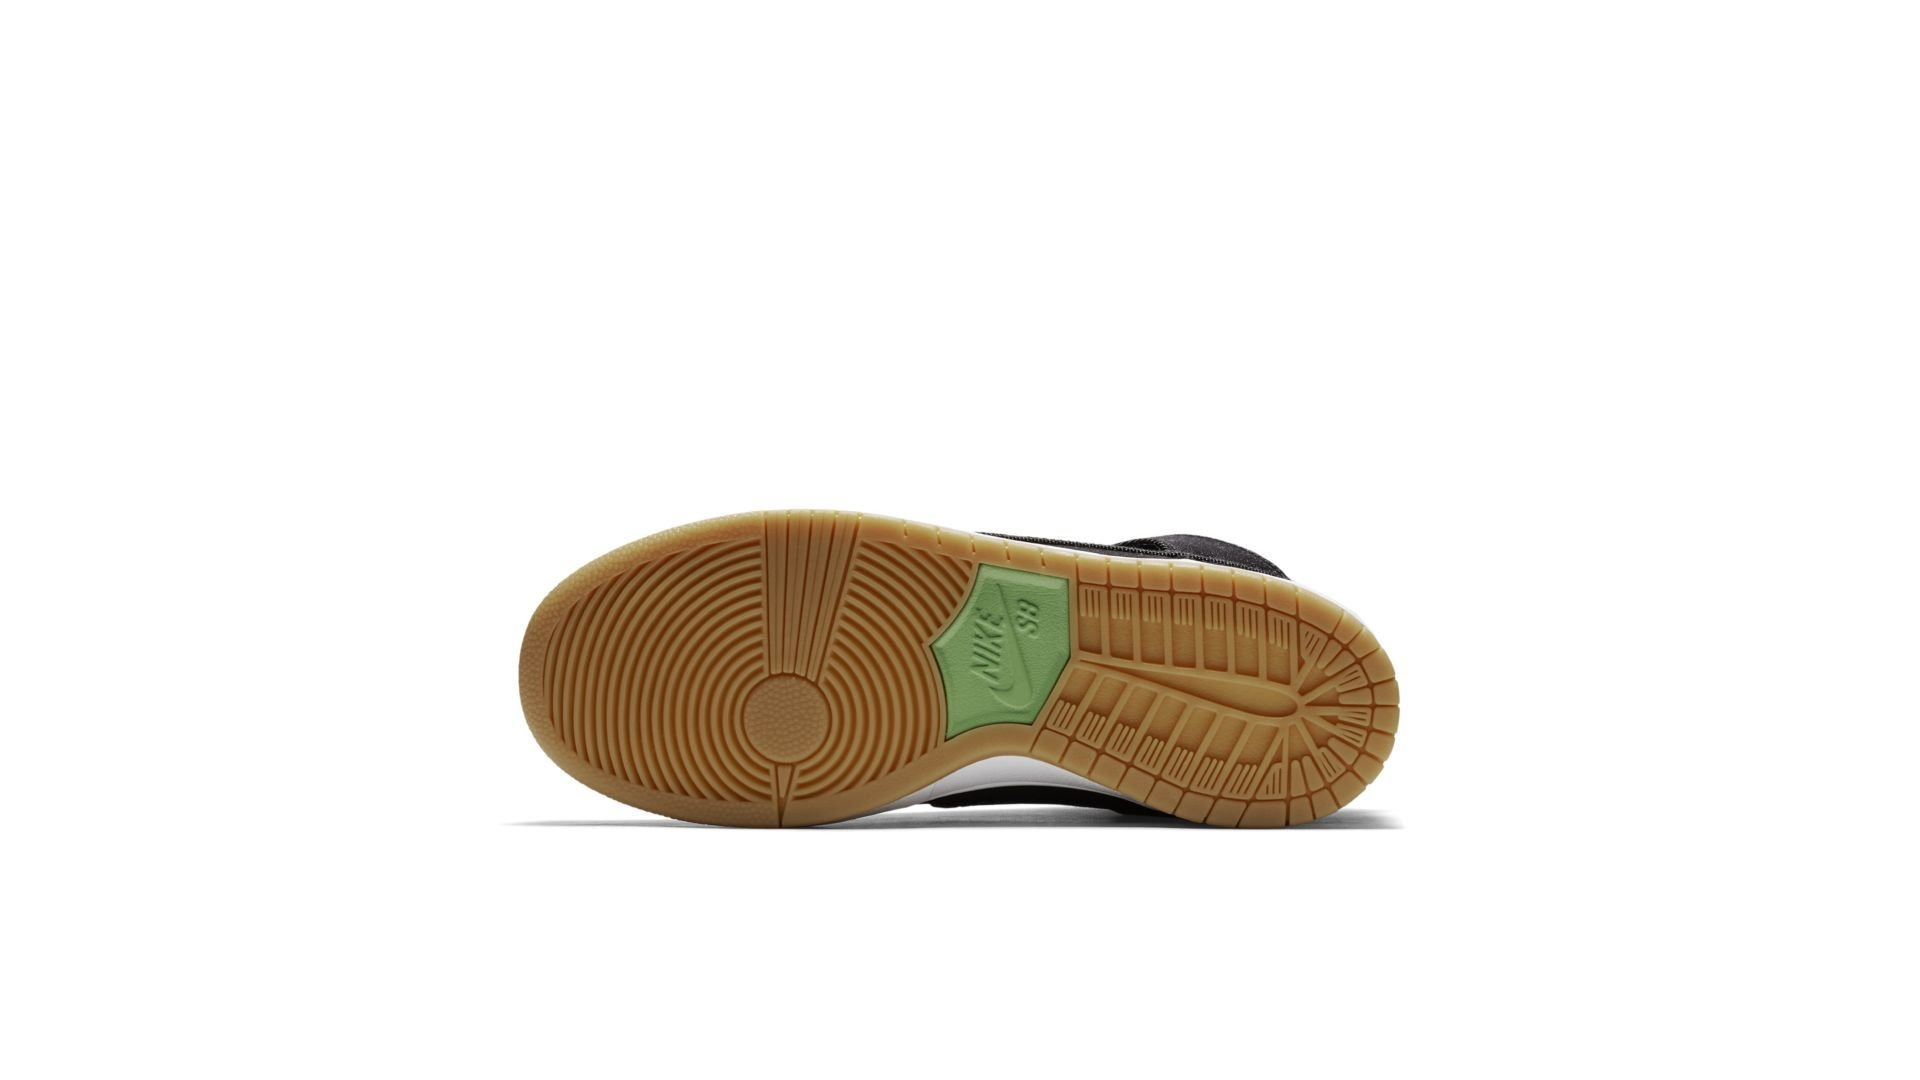 Nike SB Dunk High Pro Momofuku (881758-071)